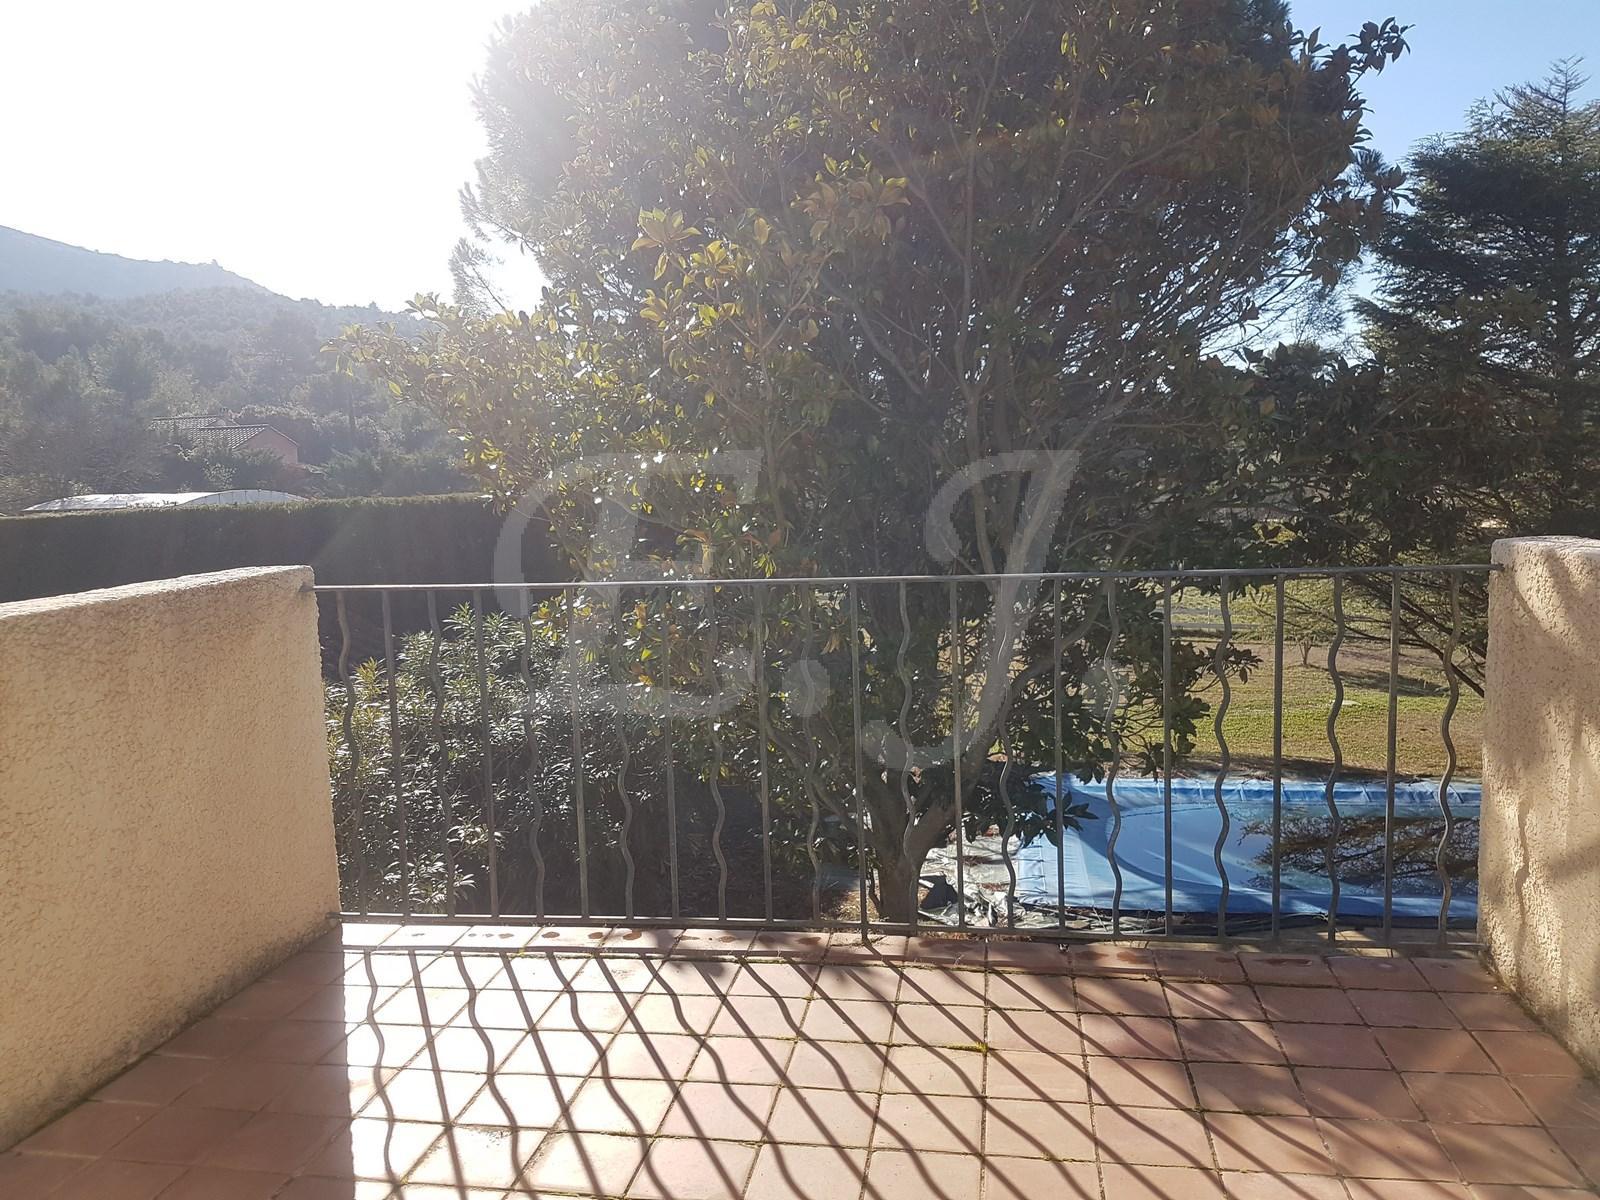 A vendre maison 5 pièces au pied du Luberon avec piscine et garage